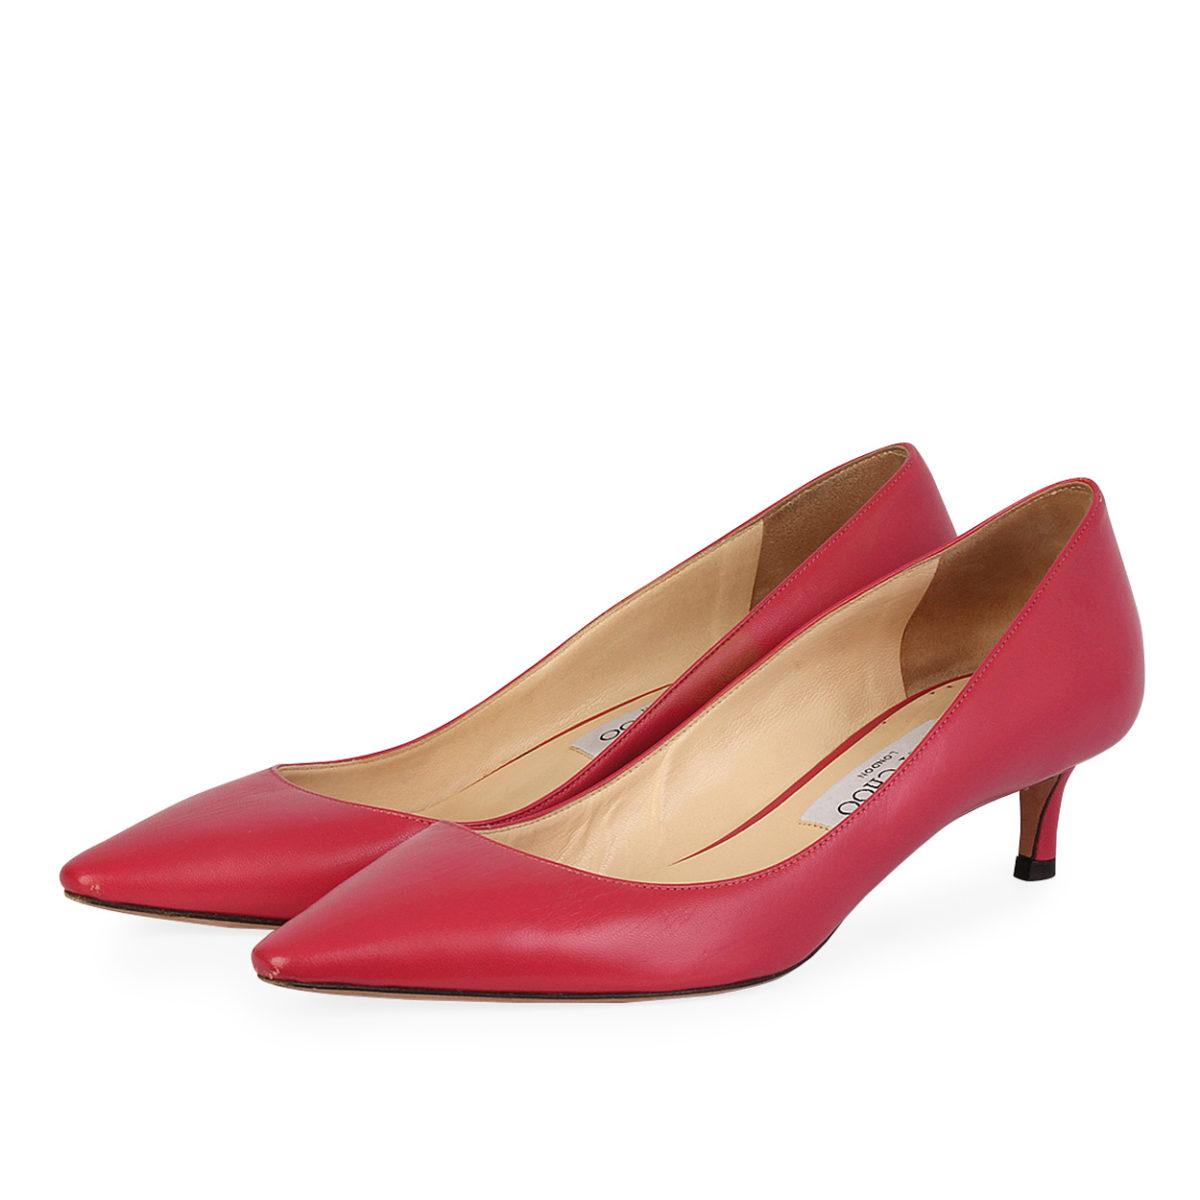 JIMMY CHOO Leather Kitten Heel Pumps Pink - S  38.5 (5.5)